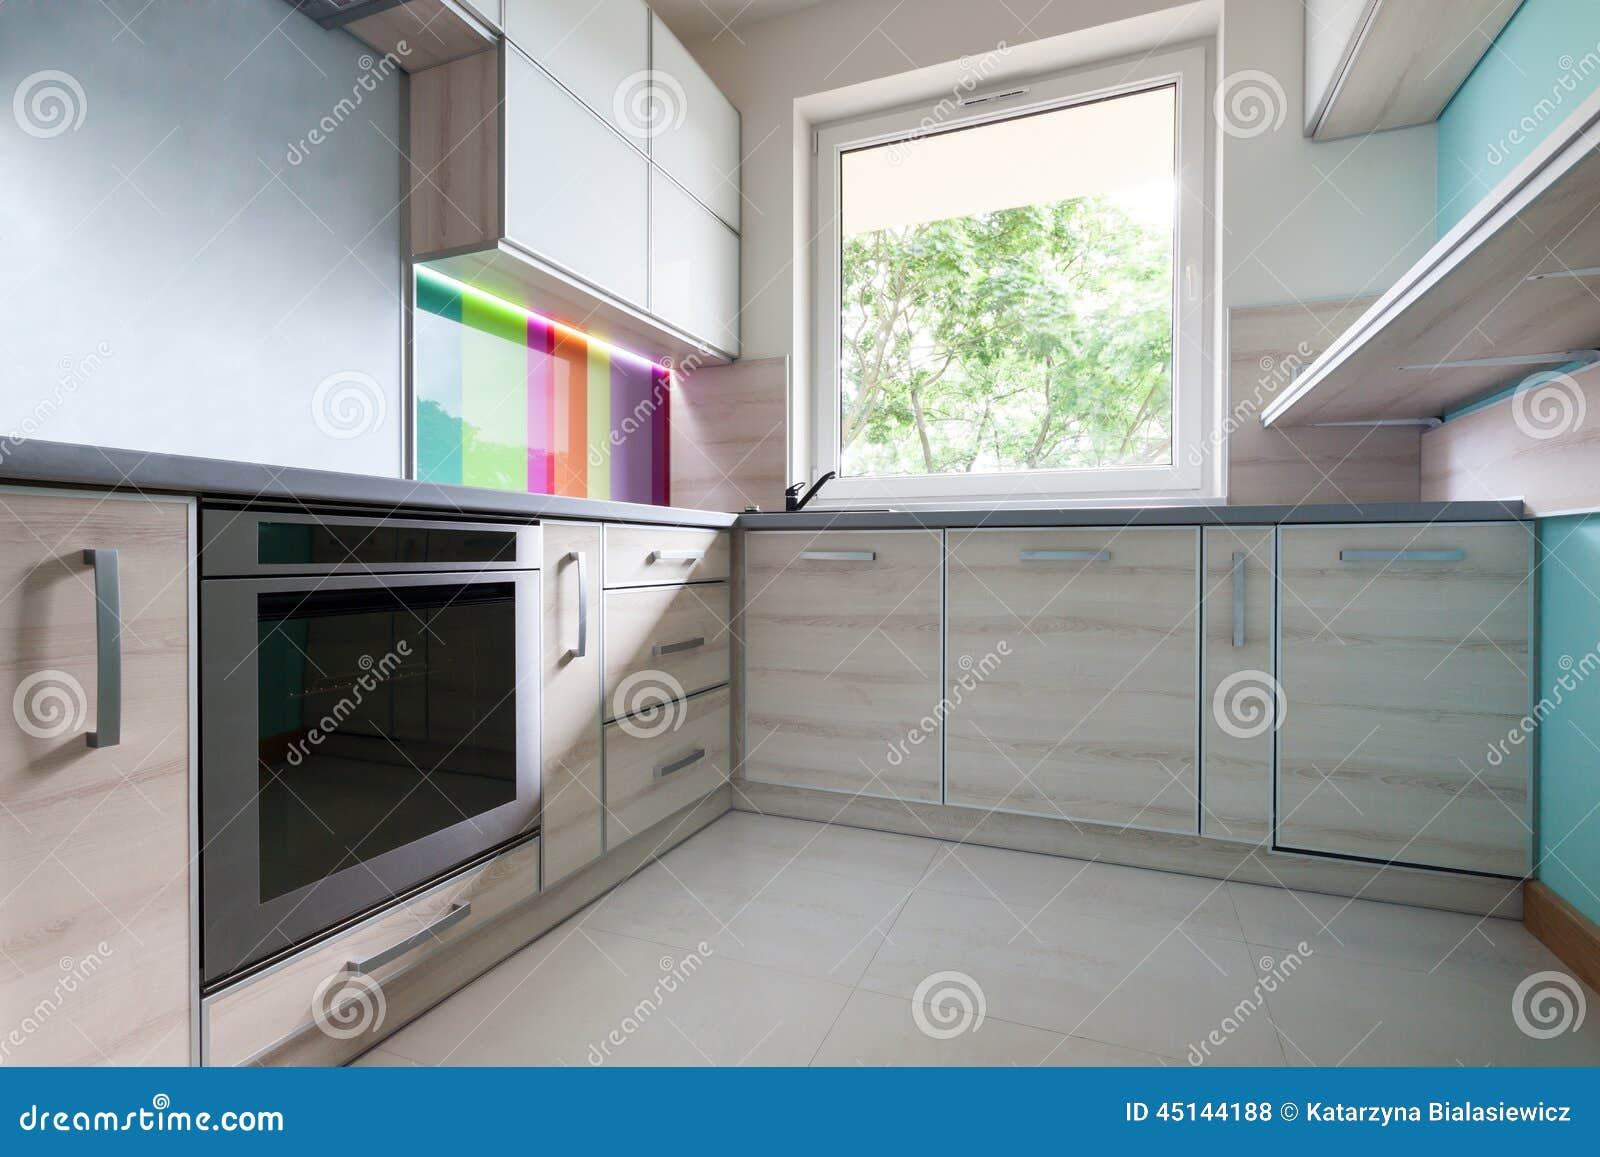 Cozinha Colorida Brilhante Moderna Foto De Stock Imagem De Casa